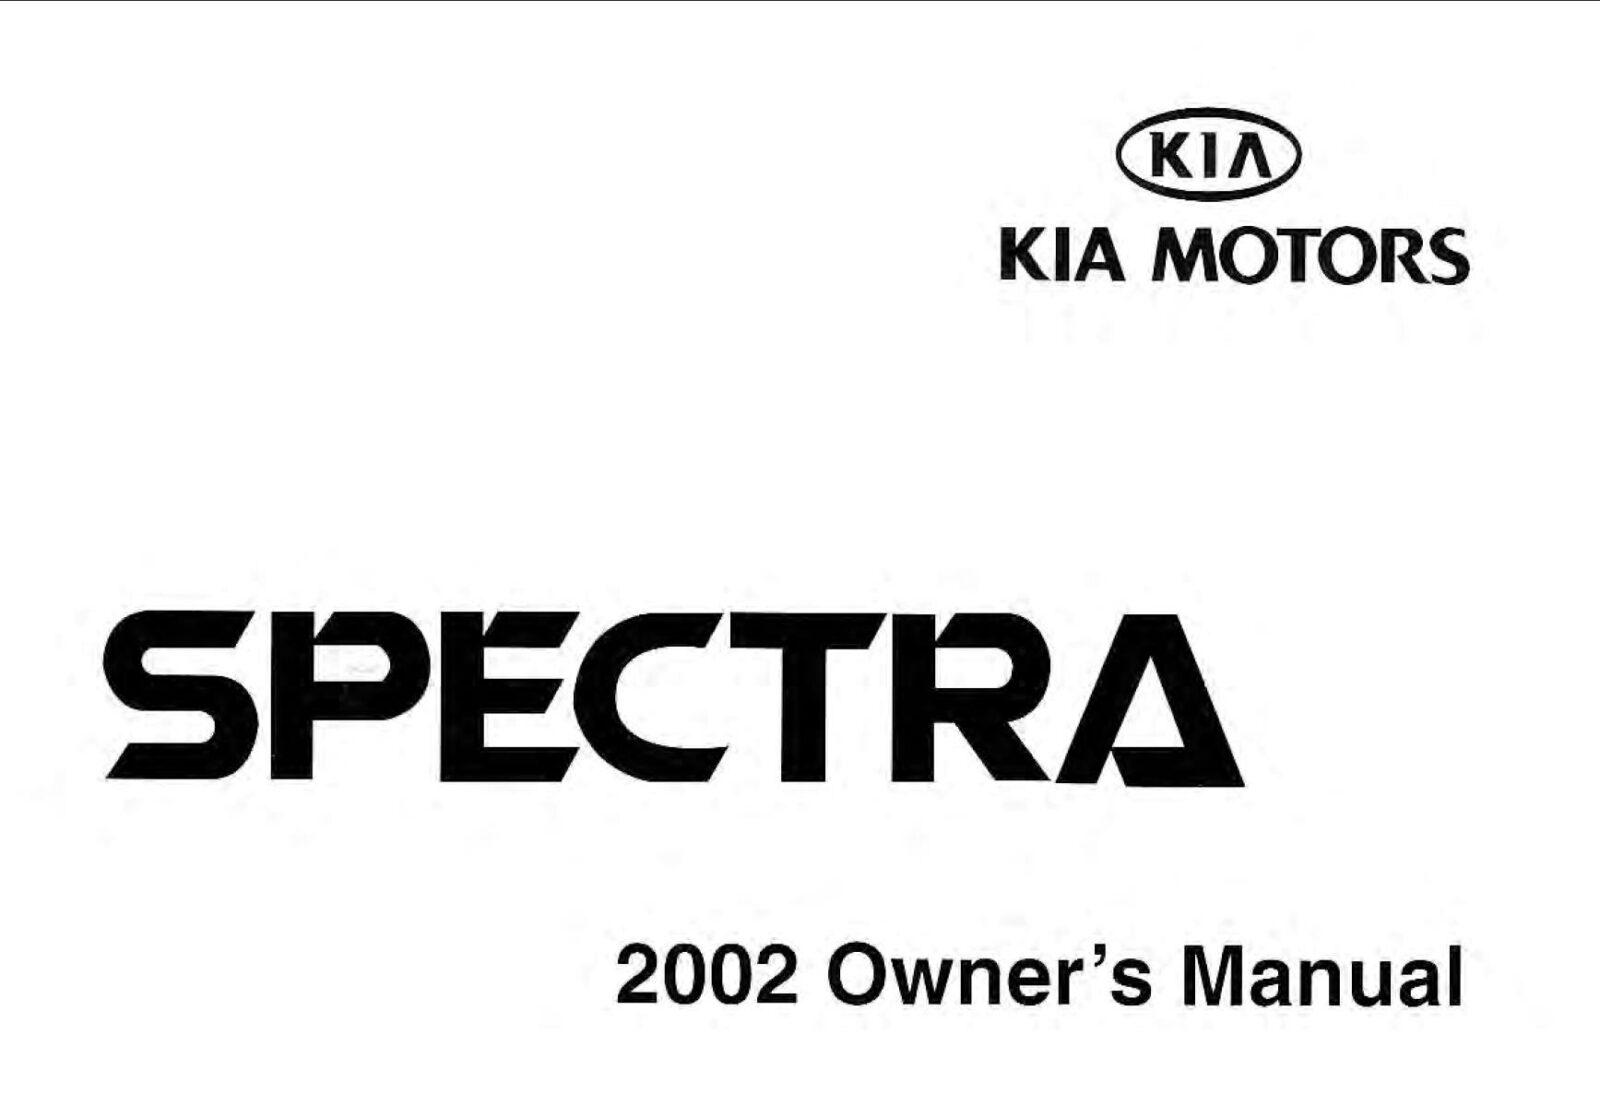 KIA Spectra 2002 Owner's Manual